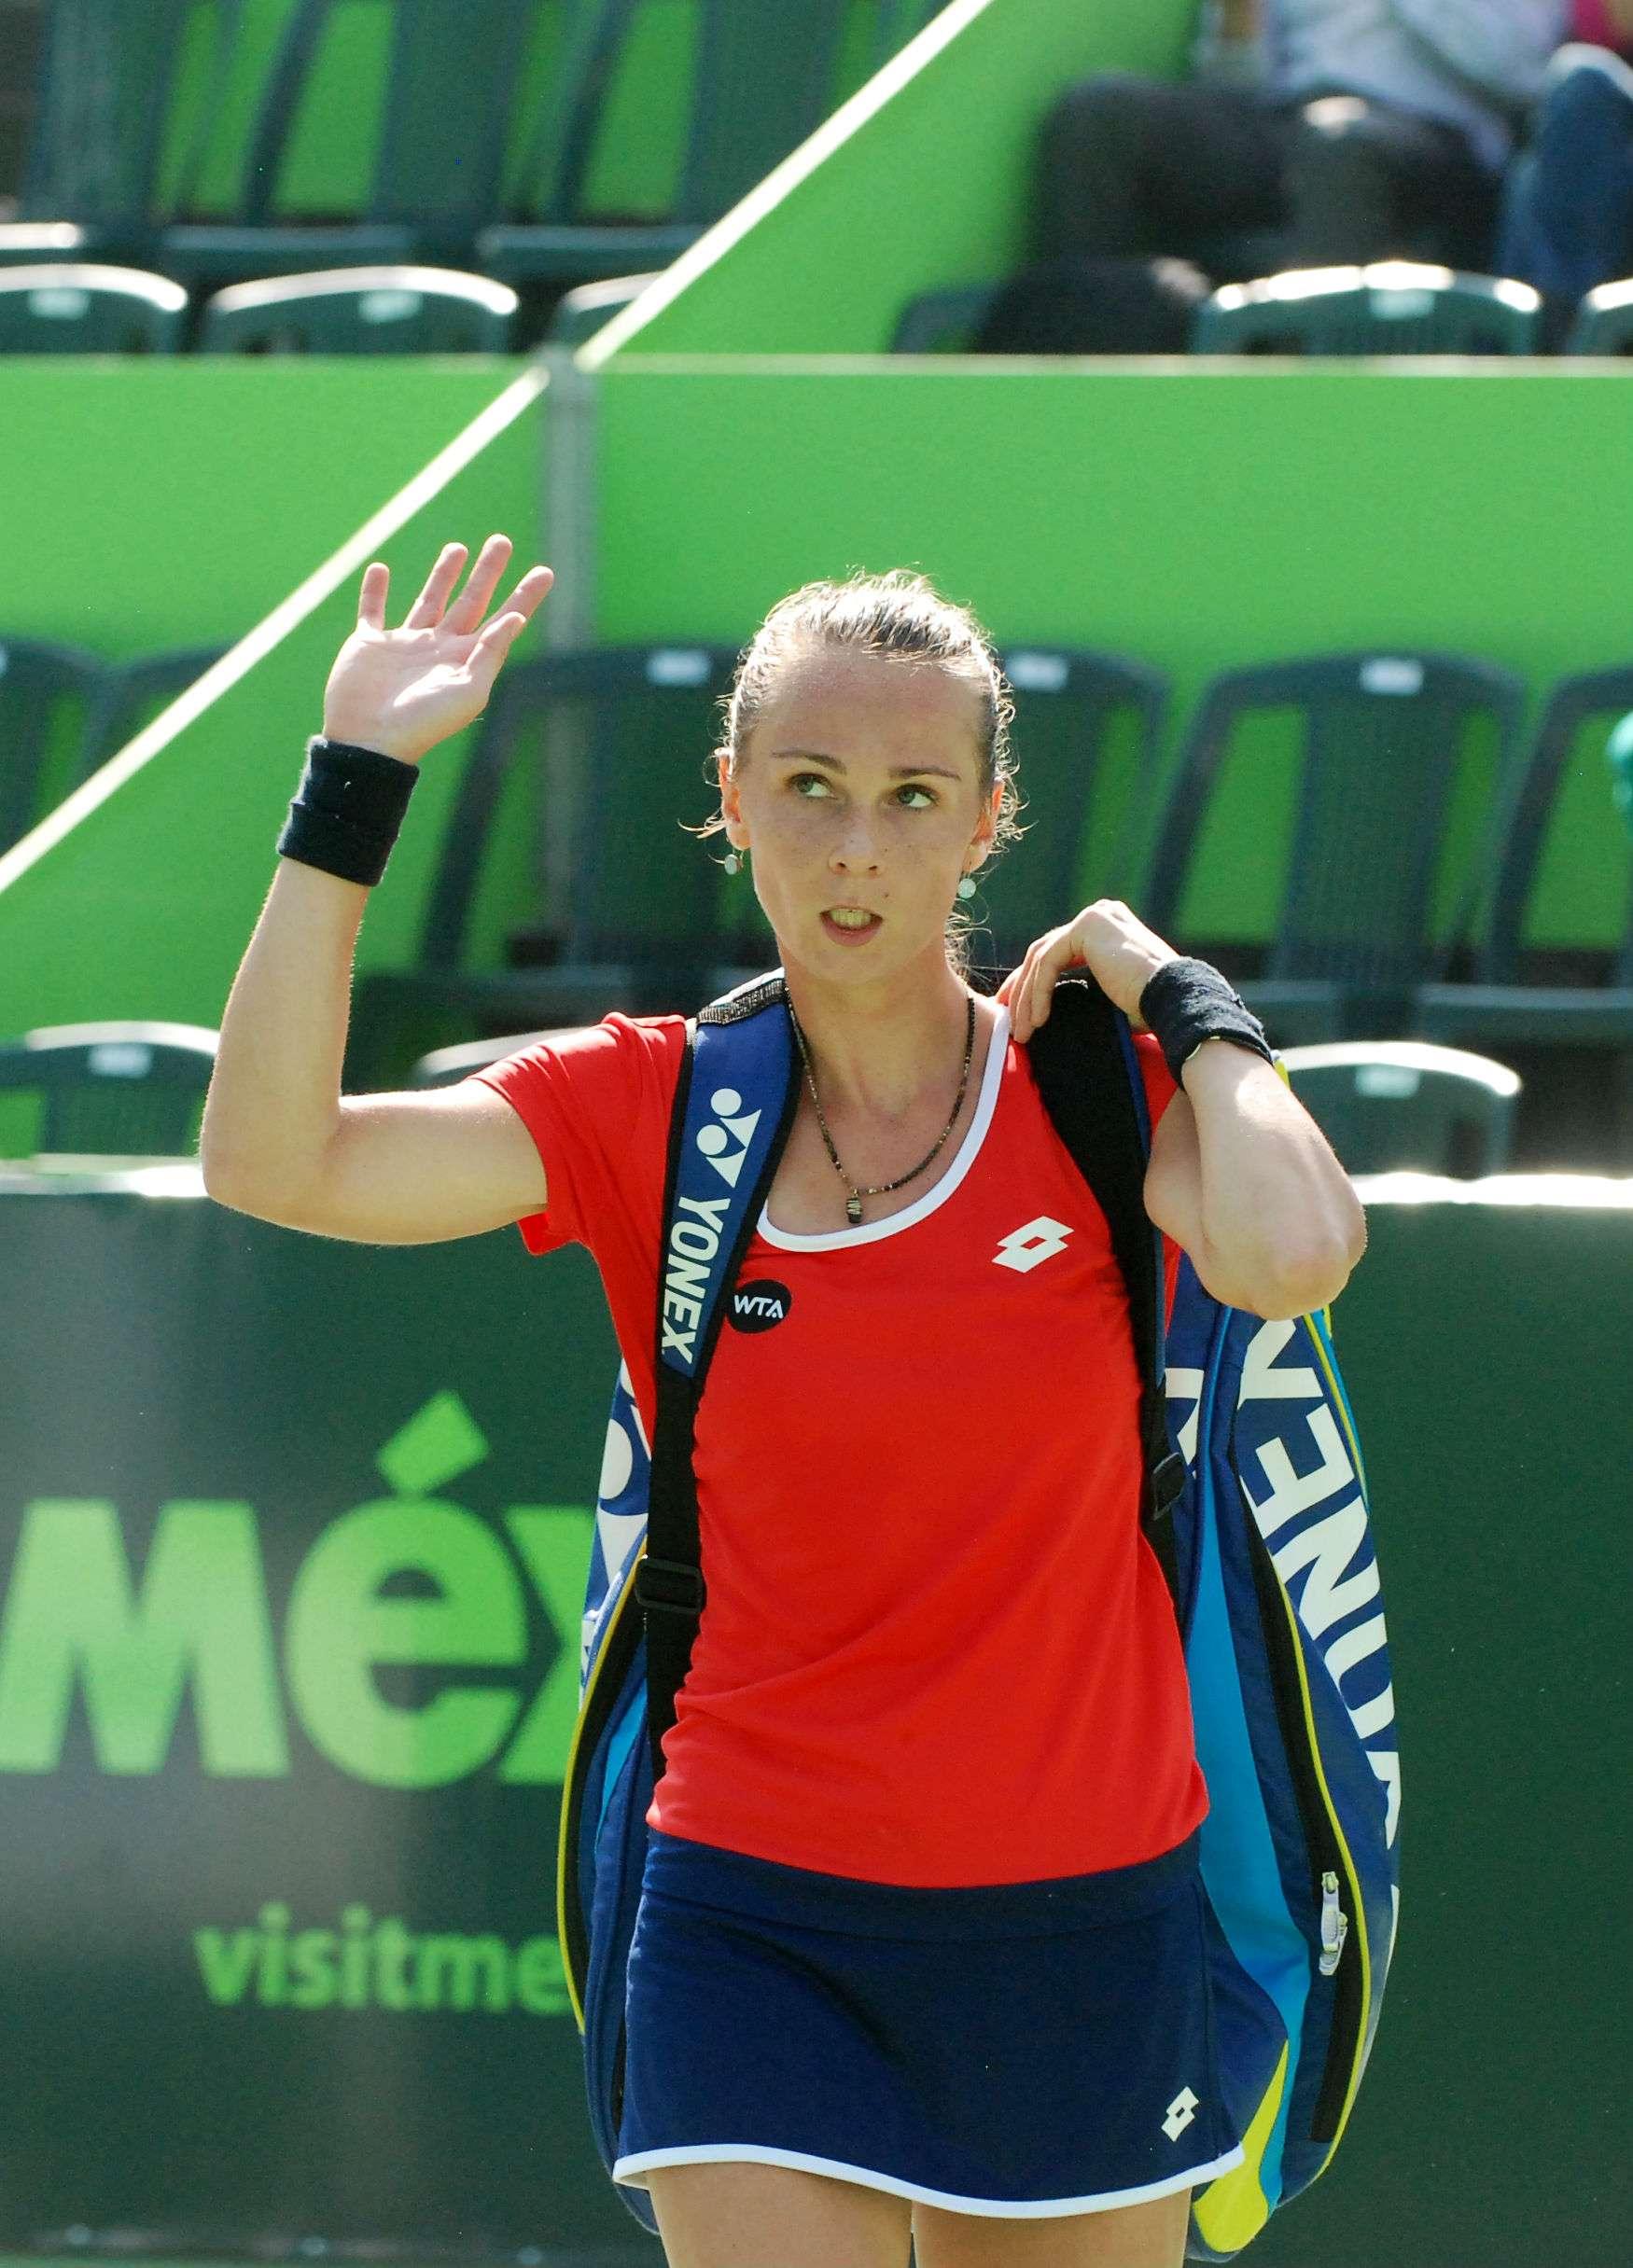 Jovana Jaksic perdió en tres sets ante Magdalena Rybarikova en el Abierto de Tenis Monterrey. Foto: Emilio López/Terra